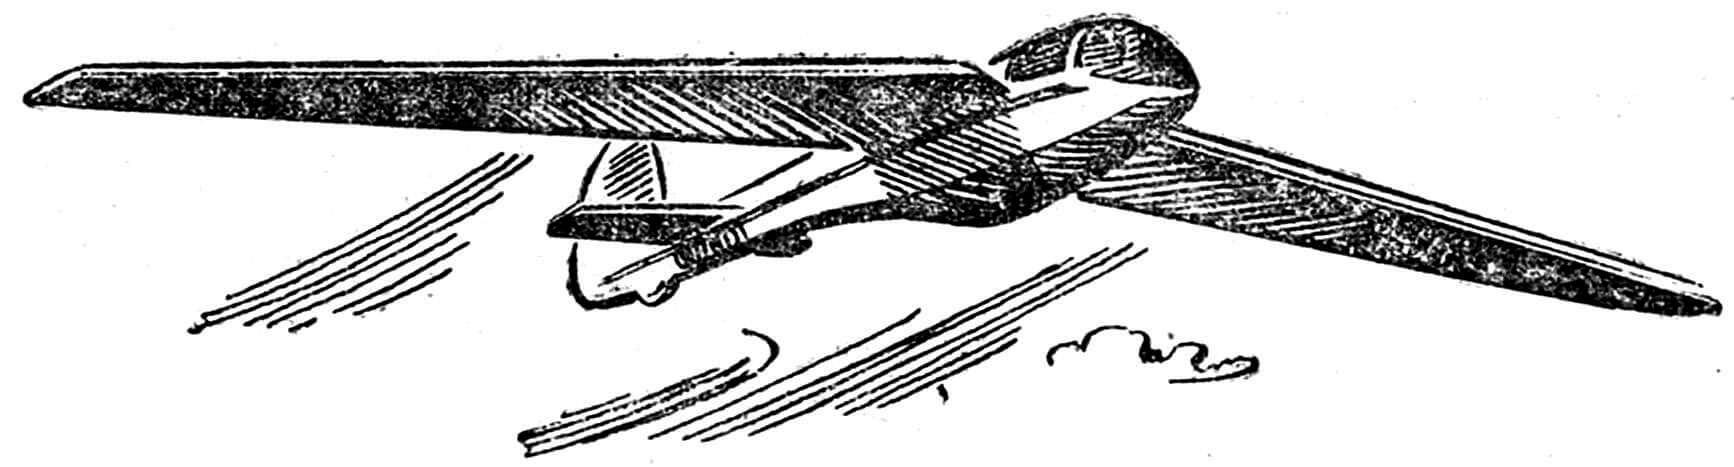 Рис. 4. Планер-птицелет «Кашук» с самомашущими крыльями.